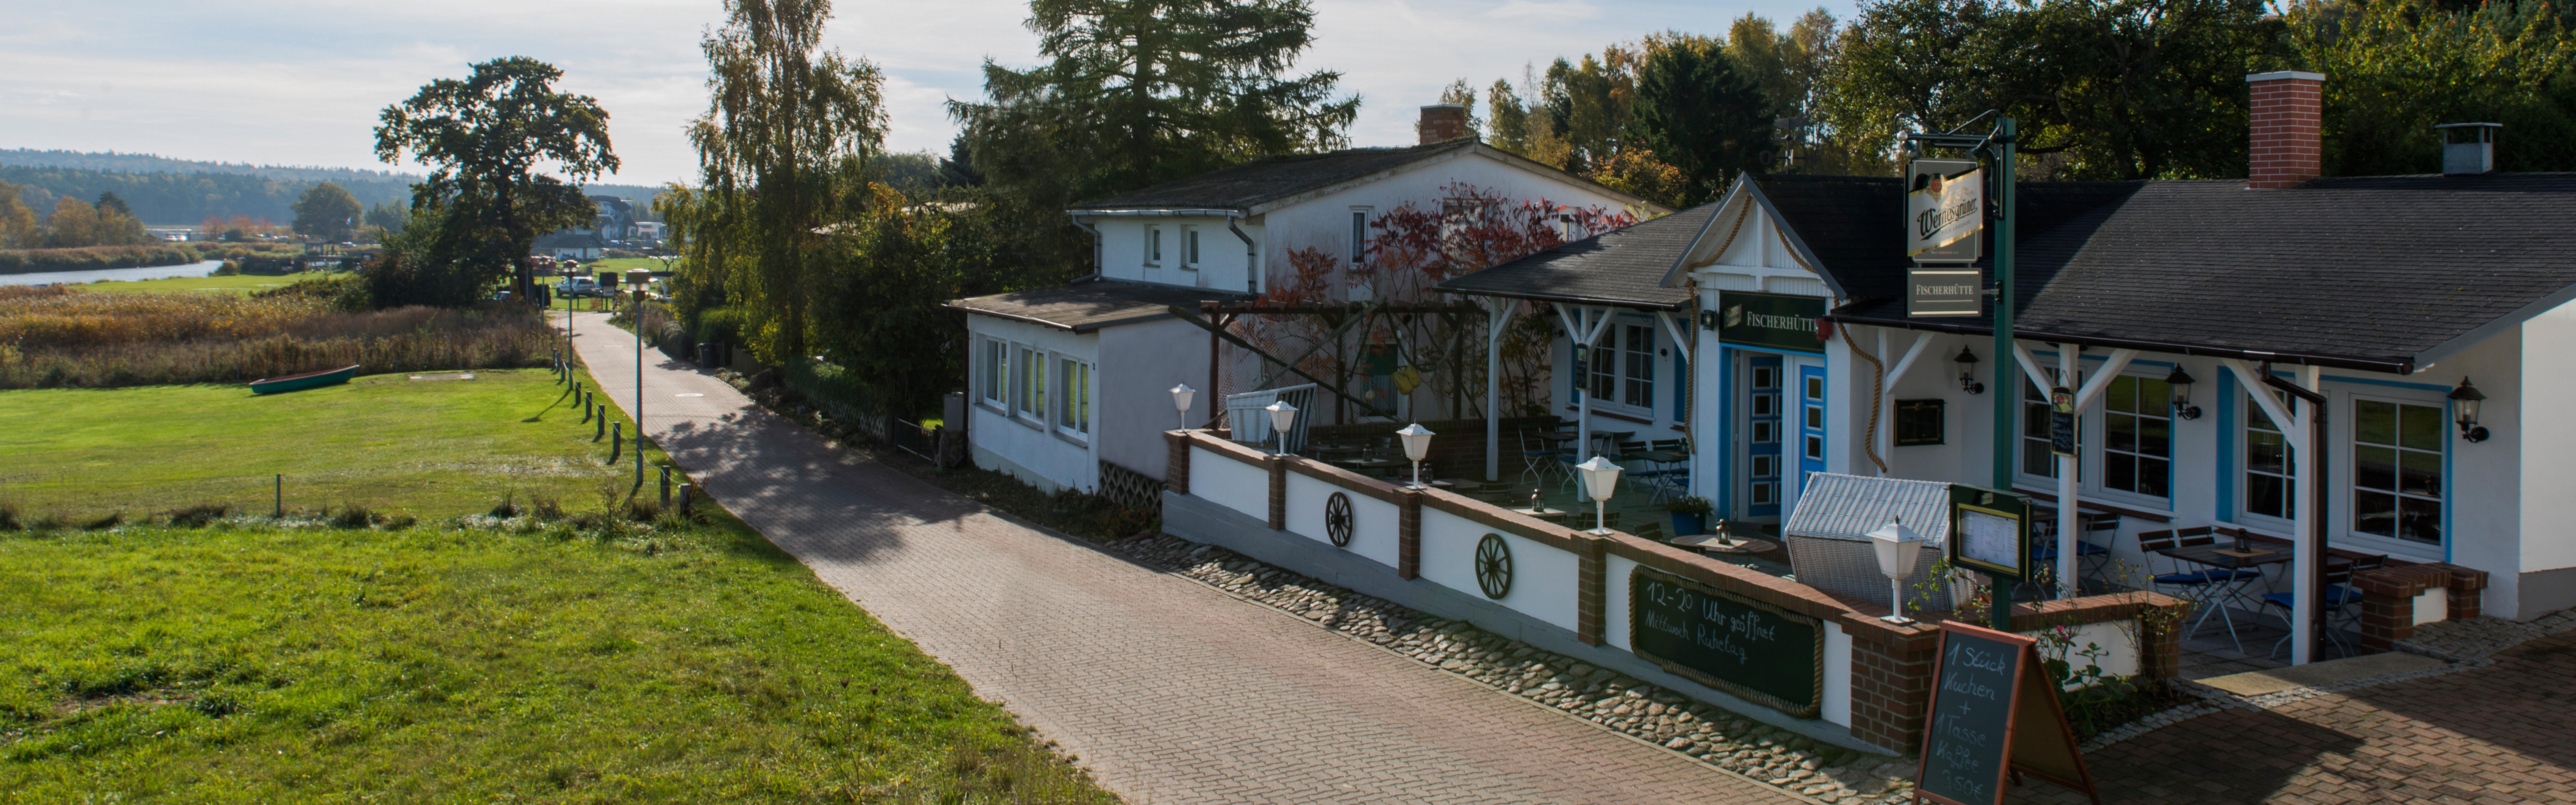 Fischerhütte Moritzdorf